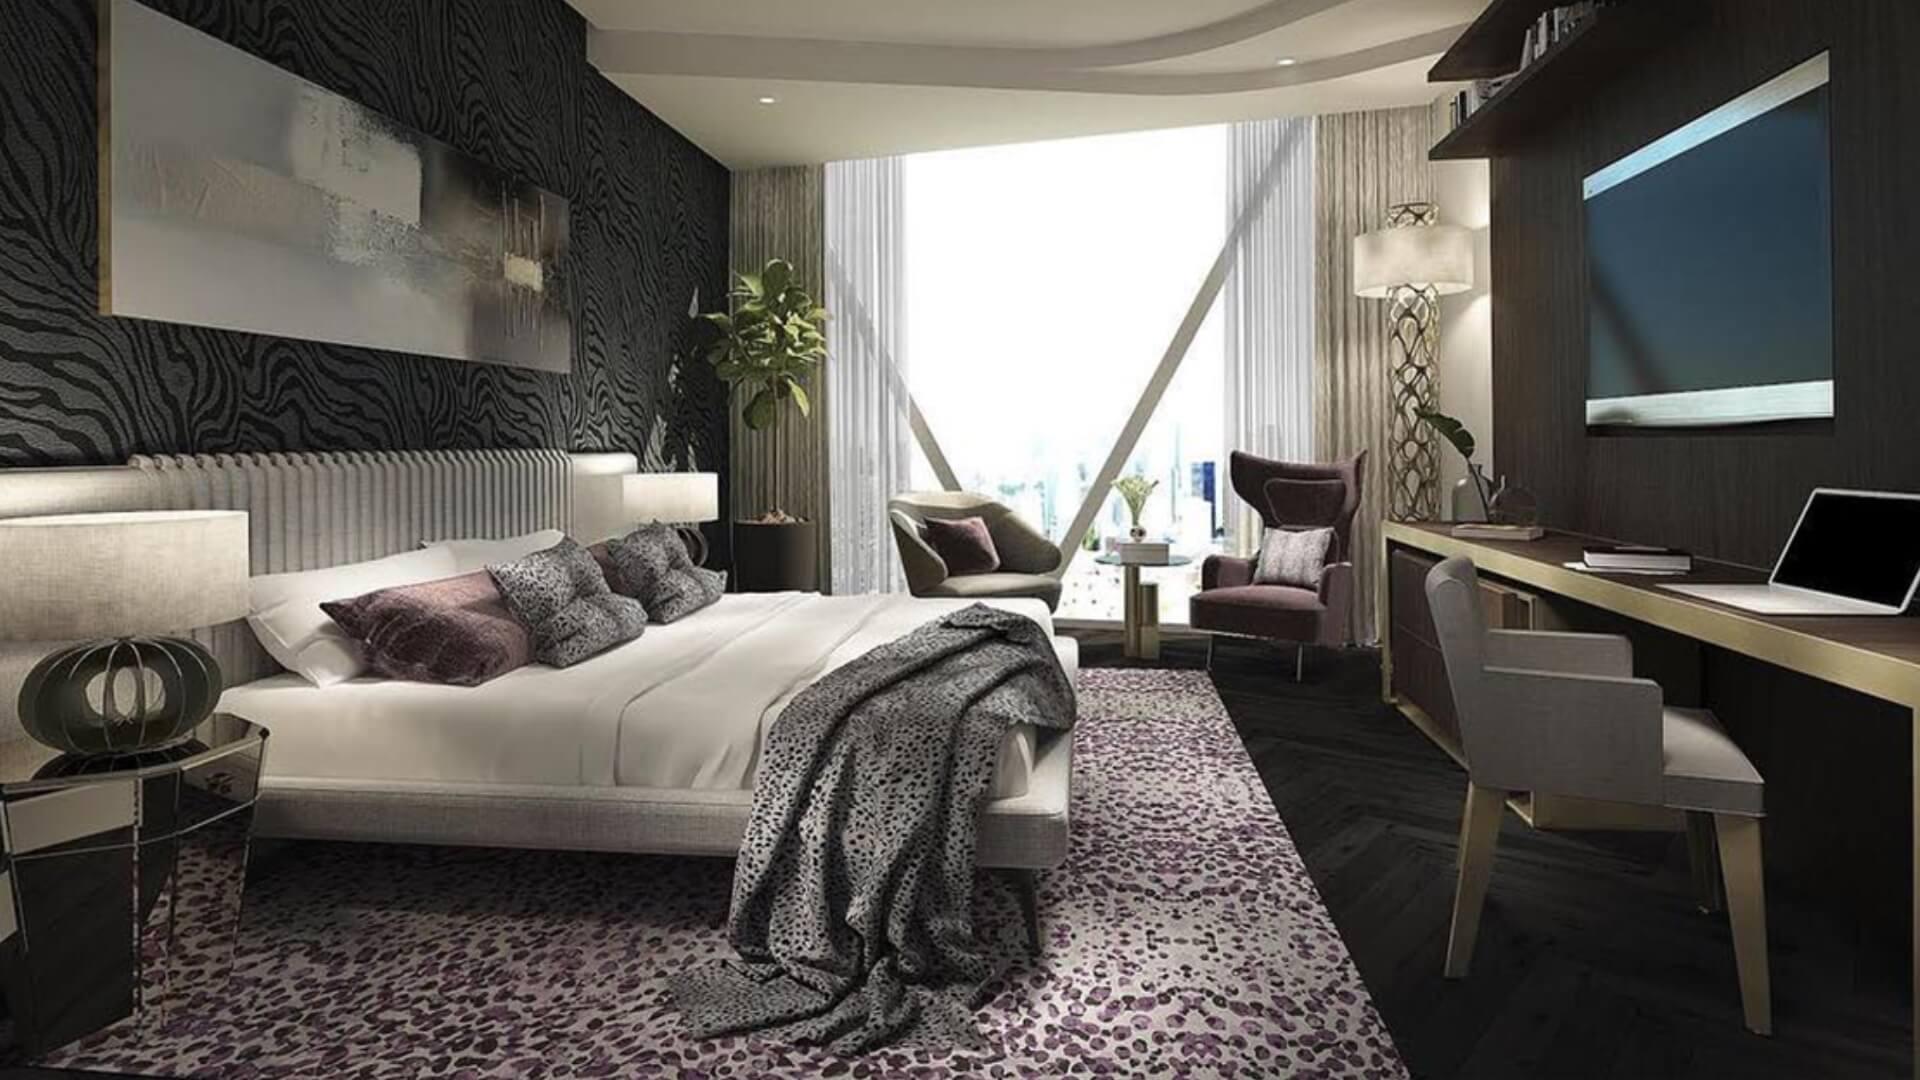 Villa en venta en Dubai, EAU, 3 dormitorios, 270 m2, № 24498 – foto 4